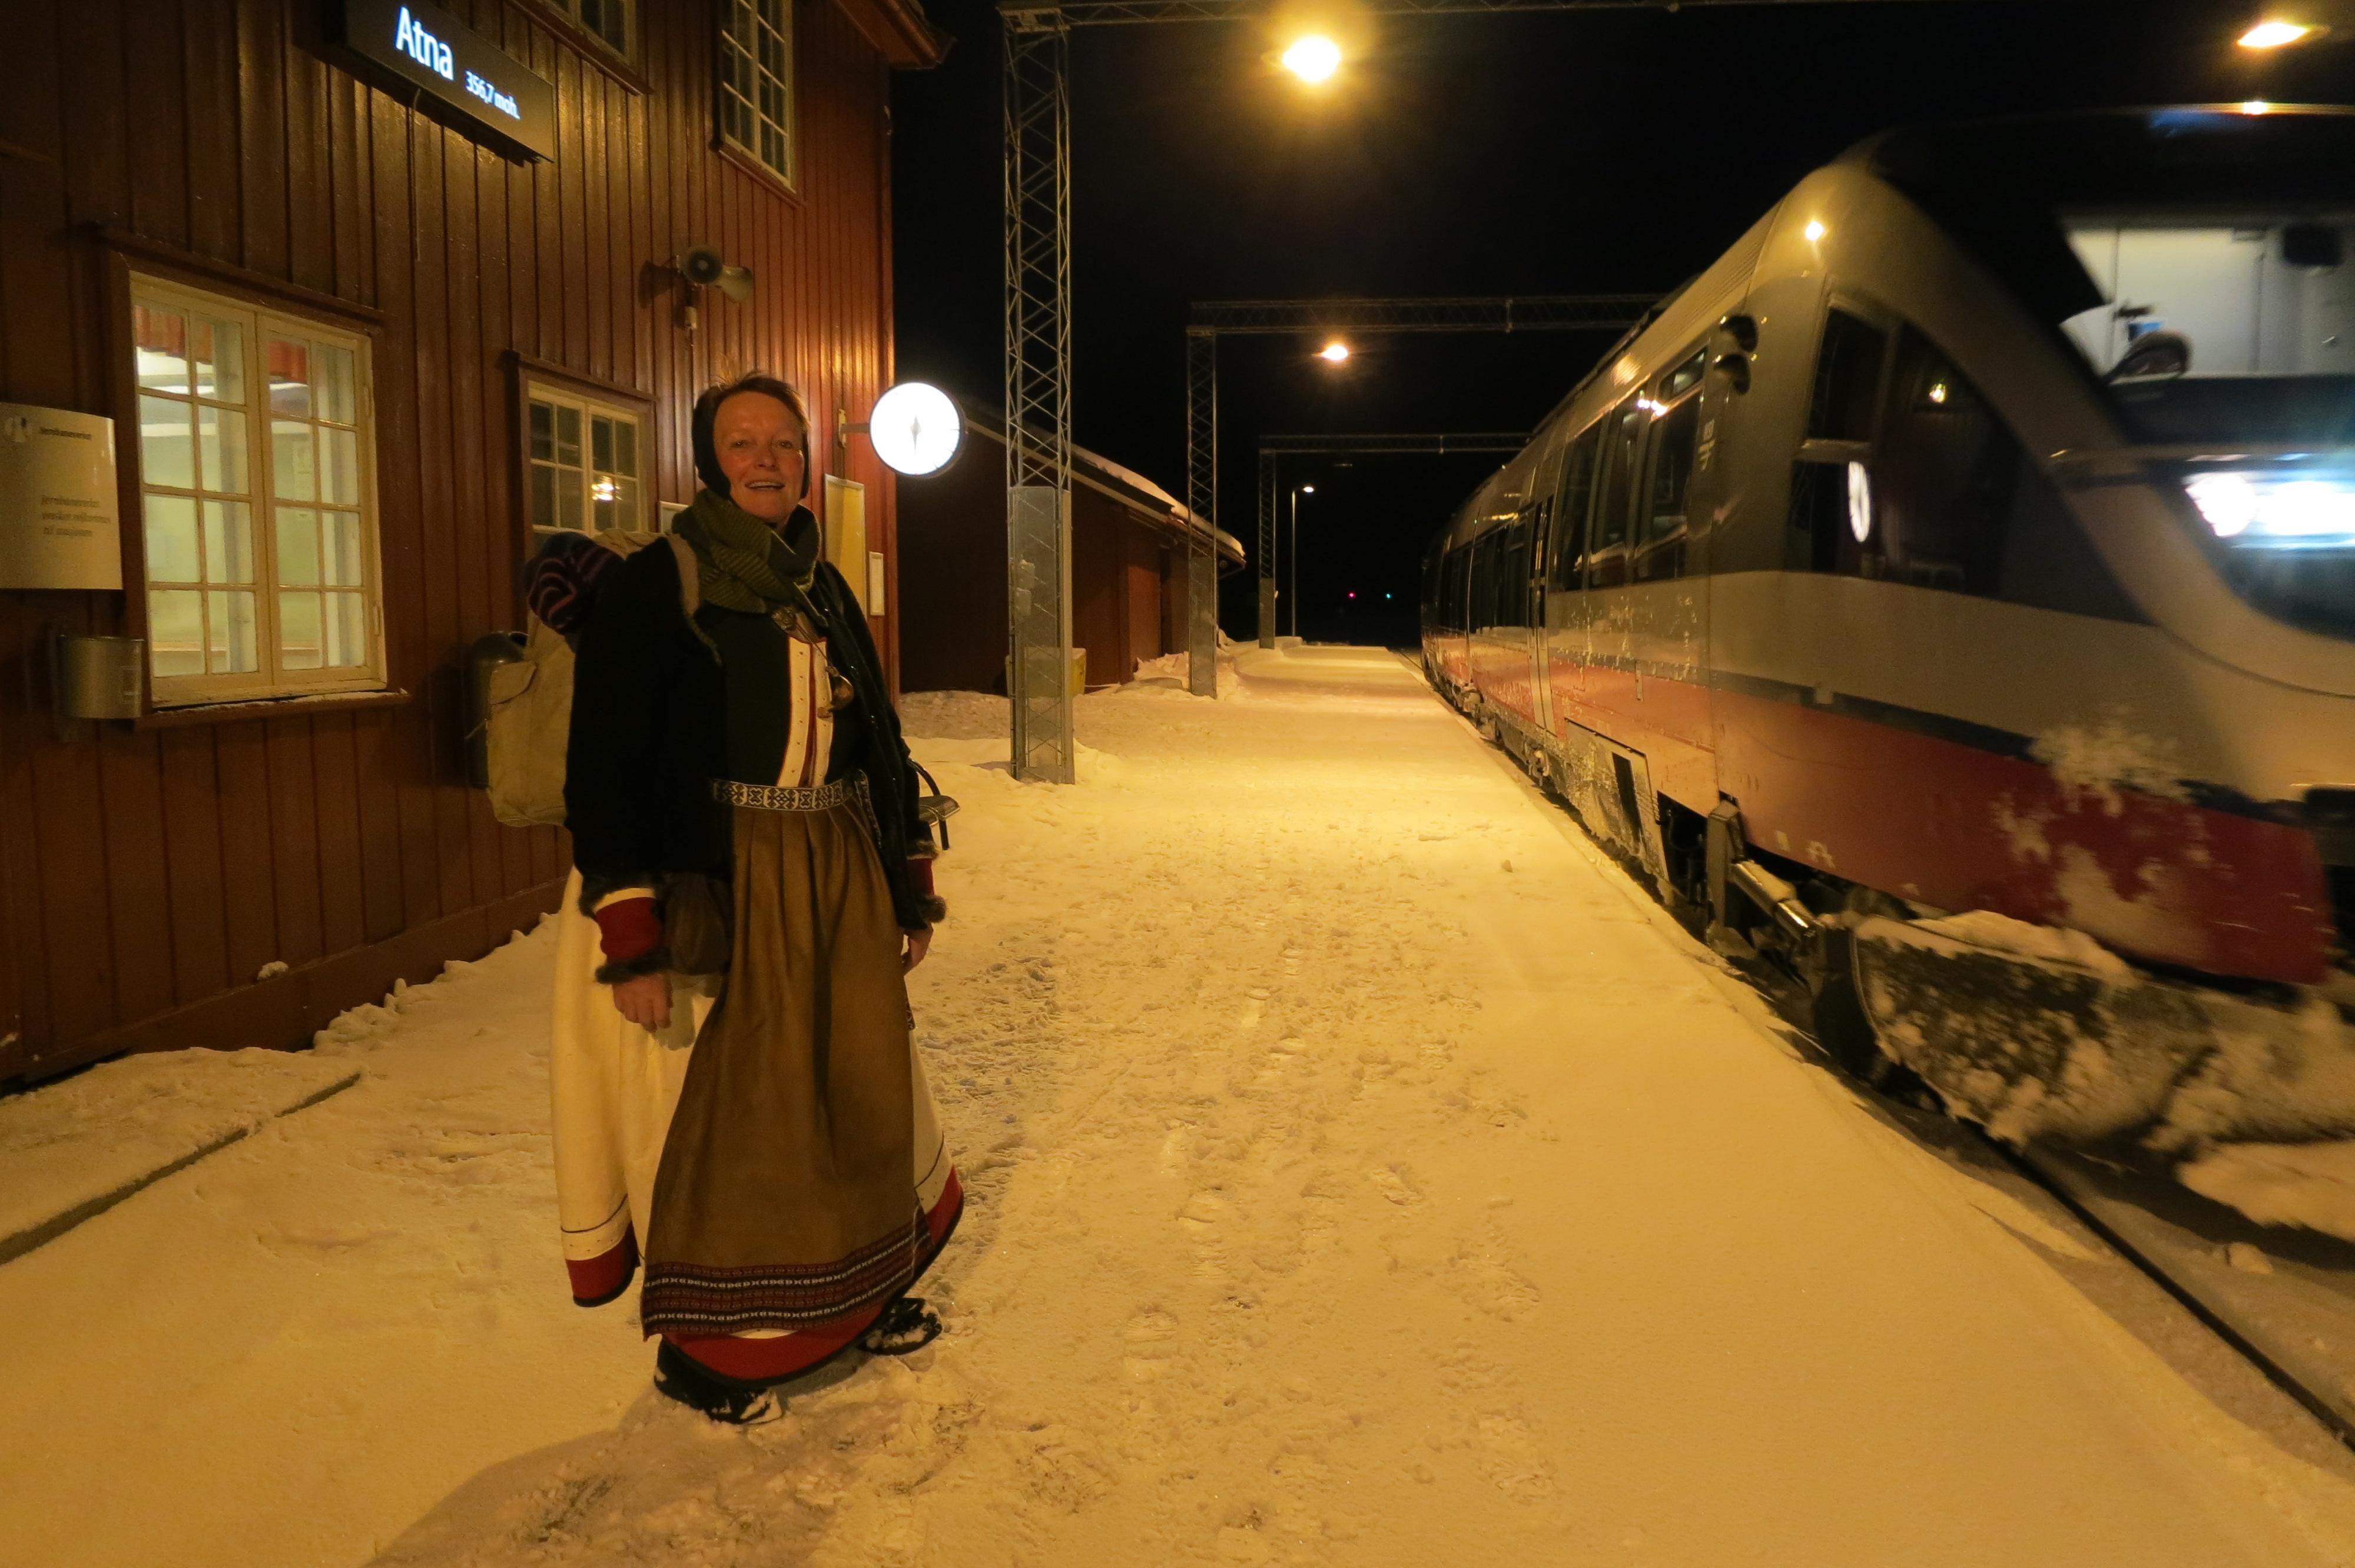 Endelig framme på Atna stasjon. Foto: Karine Bogsti